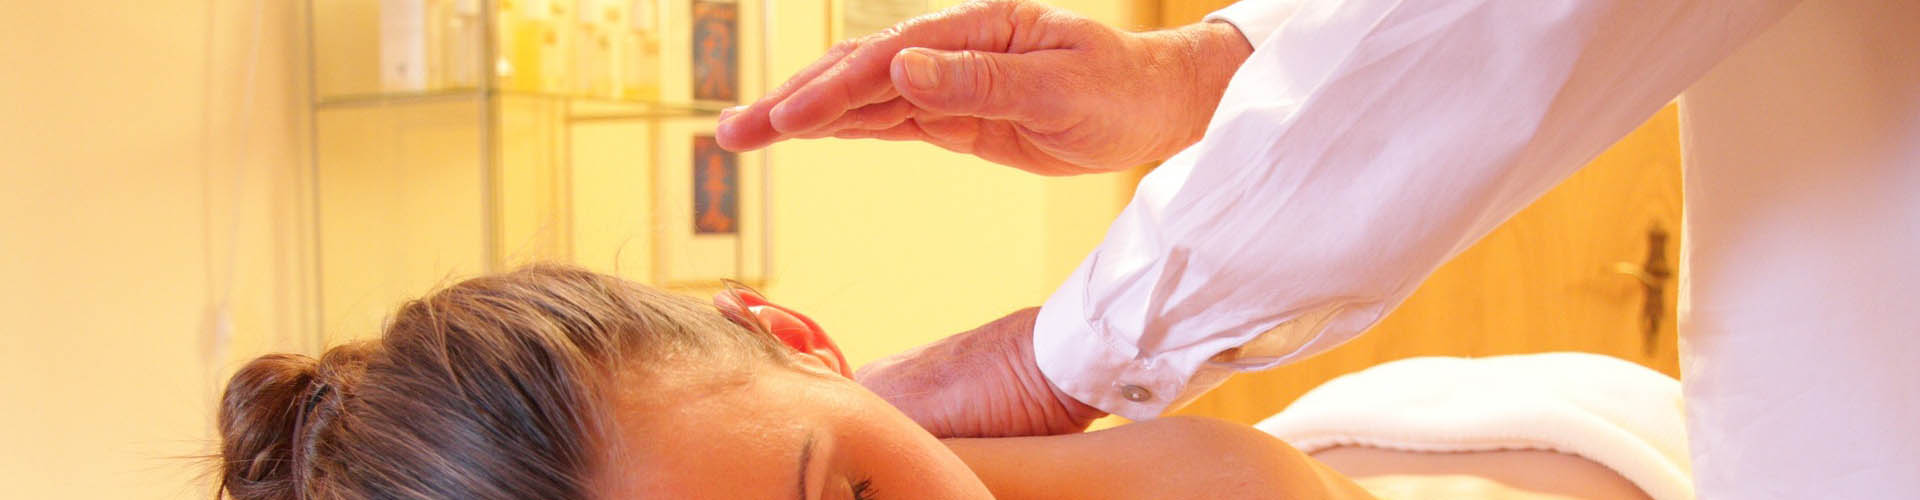 Massaggio olistico riequilibrante rilassante Bodhi Vipal presso B&B & Meditation Center Zorba il Buddha Passerano Marmorito Asti